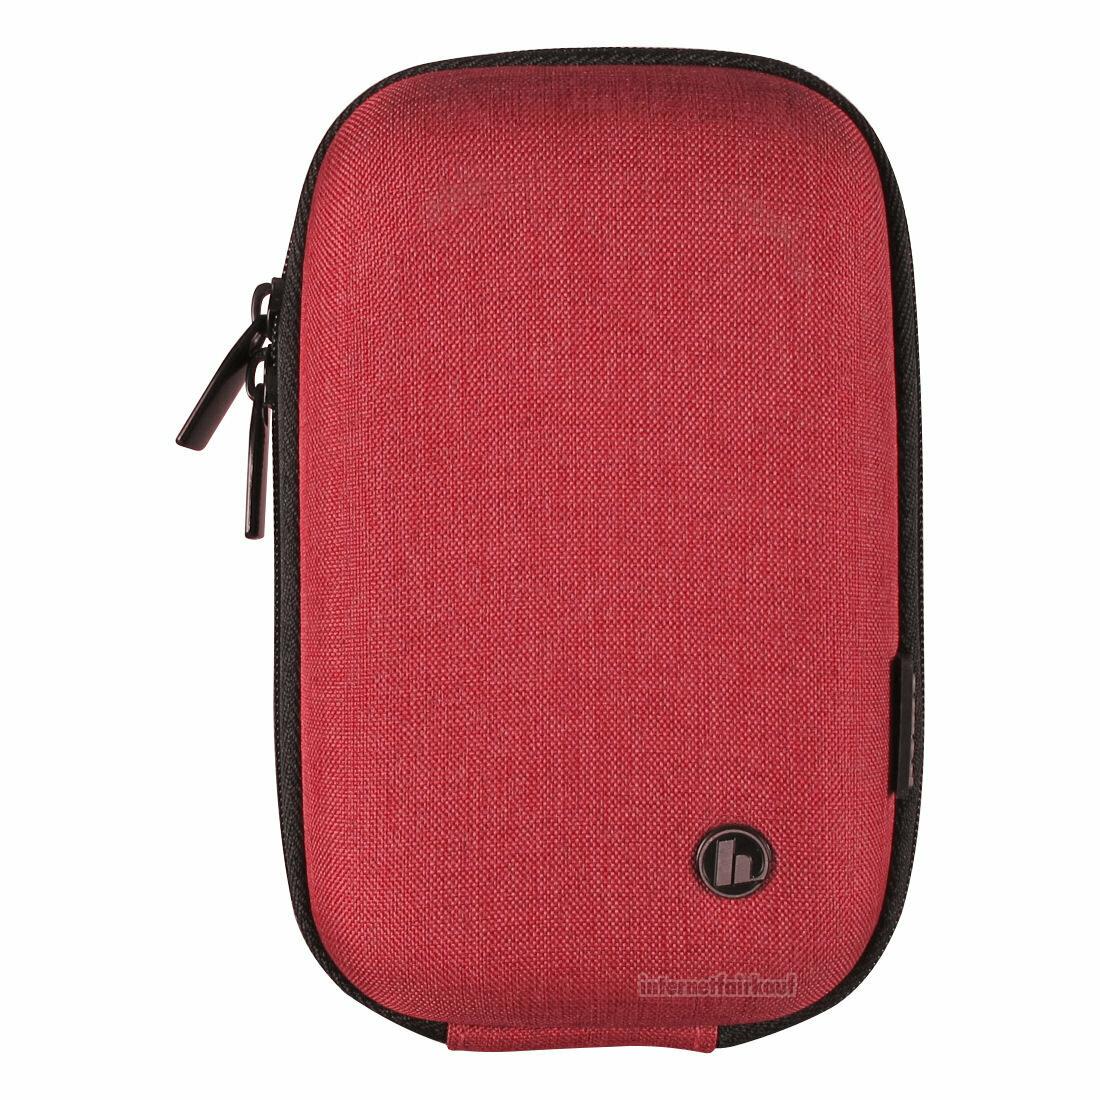 Hardcase Kameratasche rot passend für Ricoh WG-5 GPS